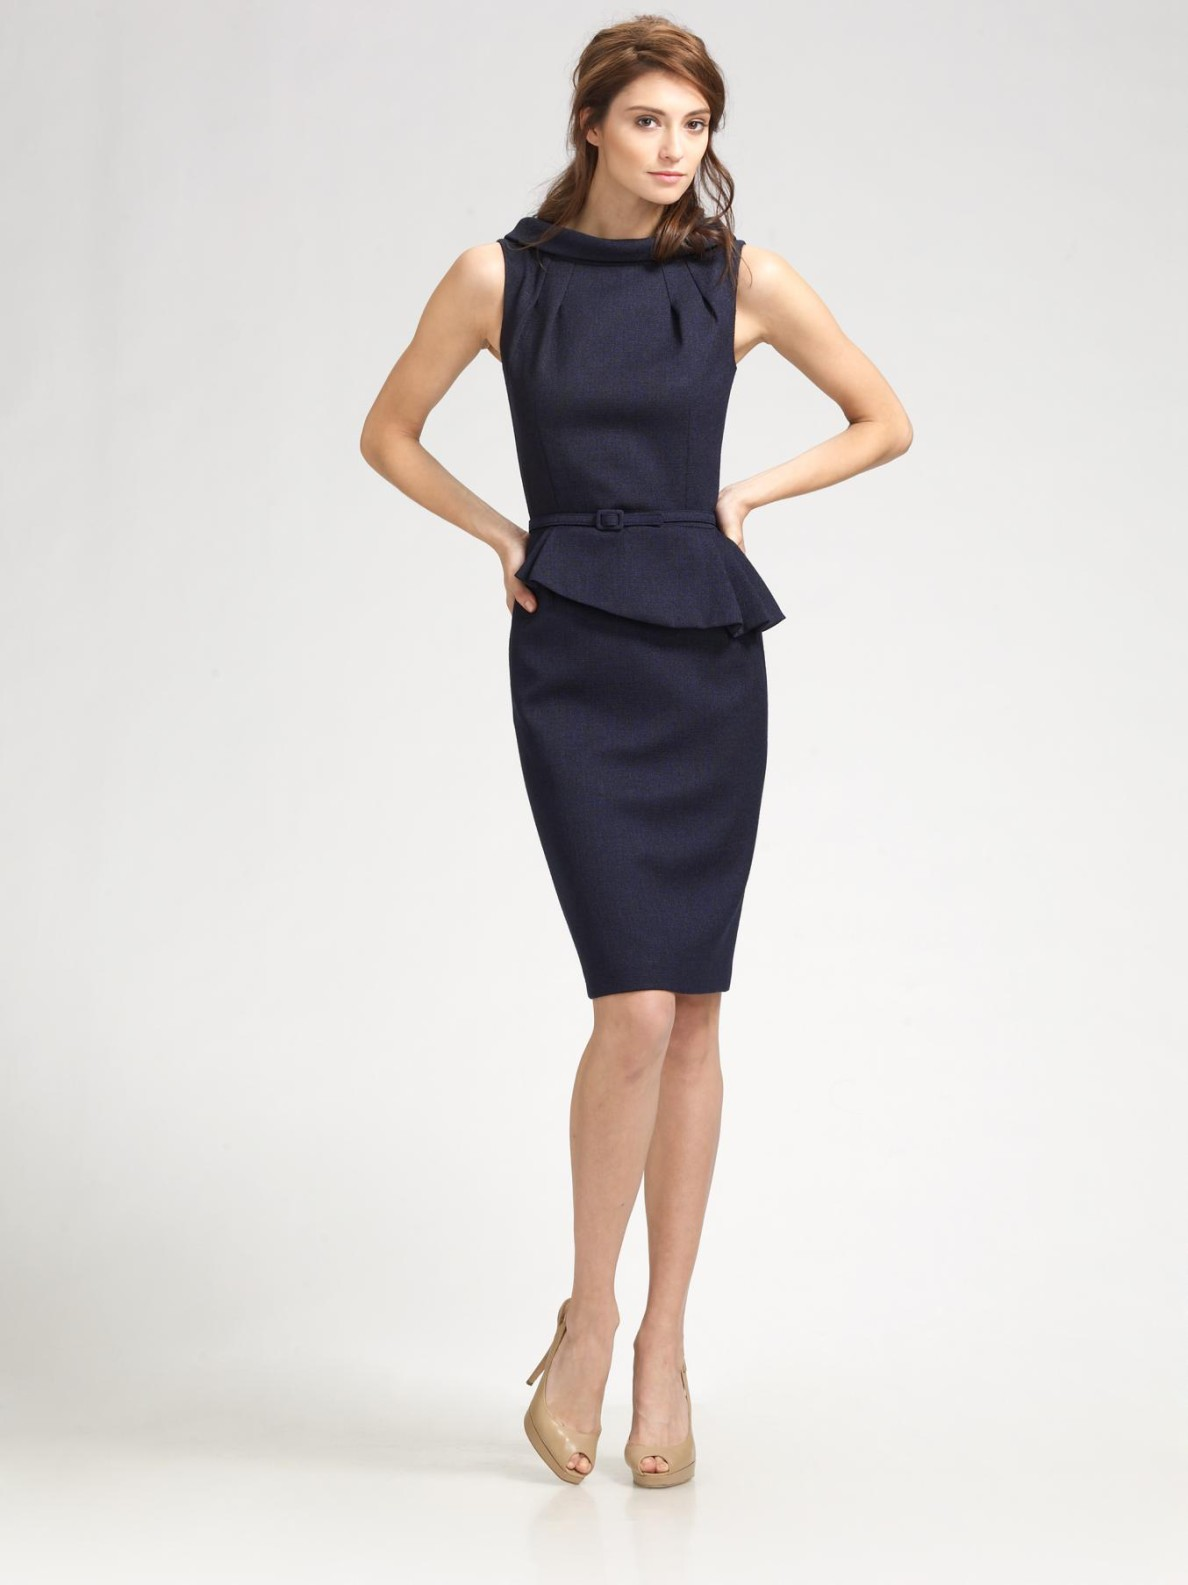 fe9918de6d Lyst - David Meister Pleated Peplum Dress in Black